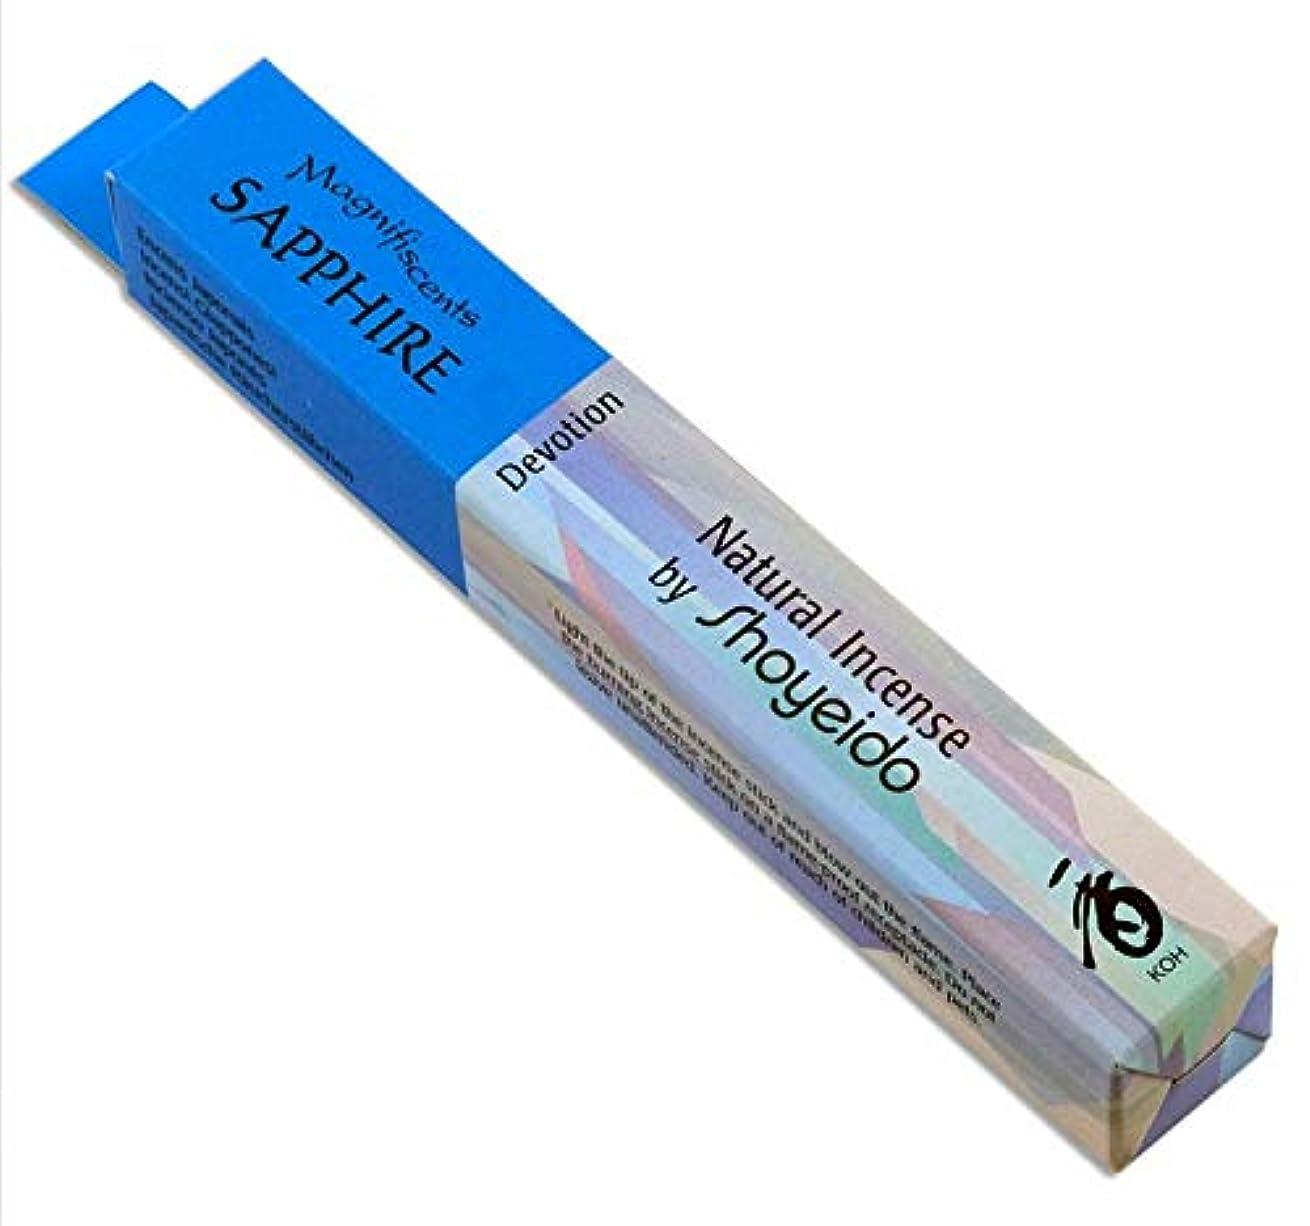 擬人化油毎日Shoyeido's Sapphire Incense, 30 sticks by SHOYEIDO